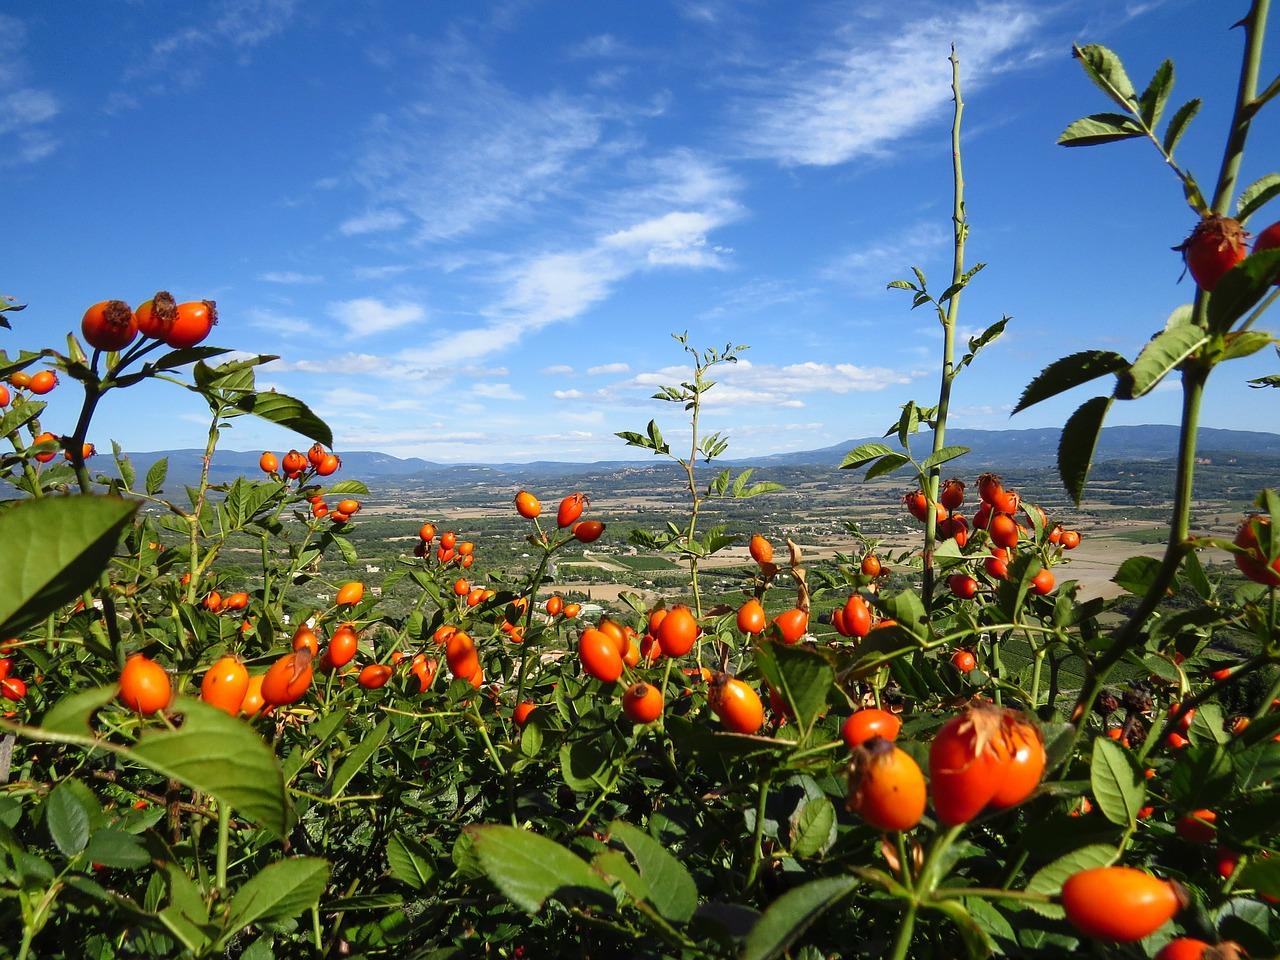 Кусты шиповника: не только красиво, но и полезно